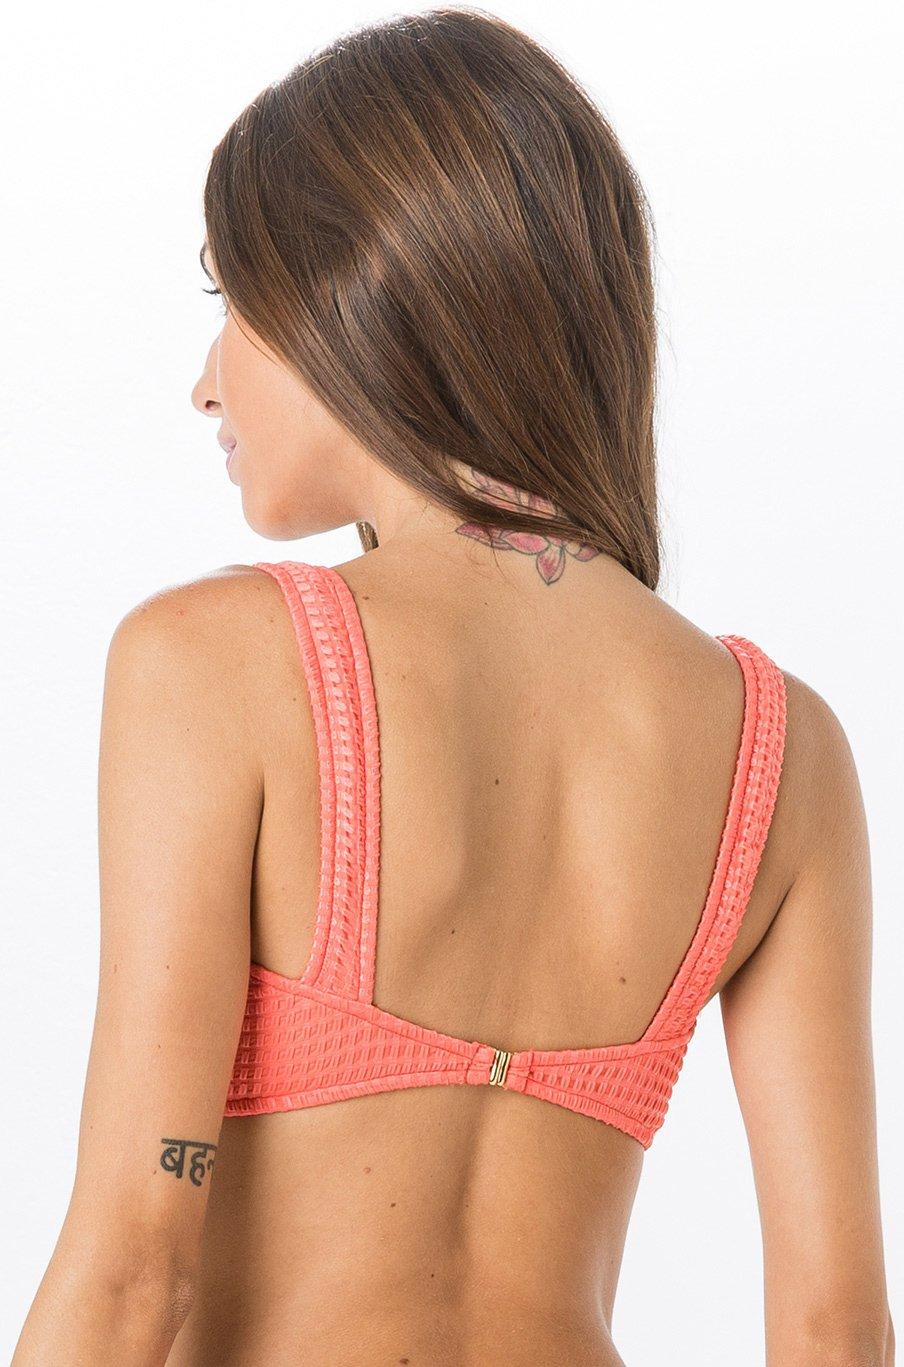 fa8c2110f06fd Bikini Tops Coral Textured Bra Bikini Top - Top Miracle Anarruga Coral